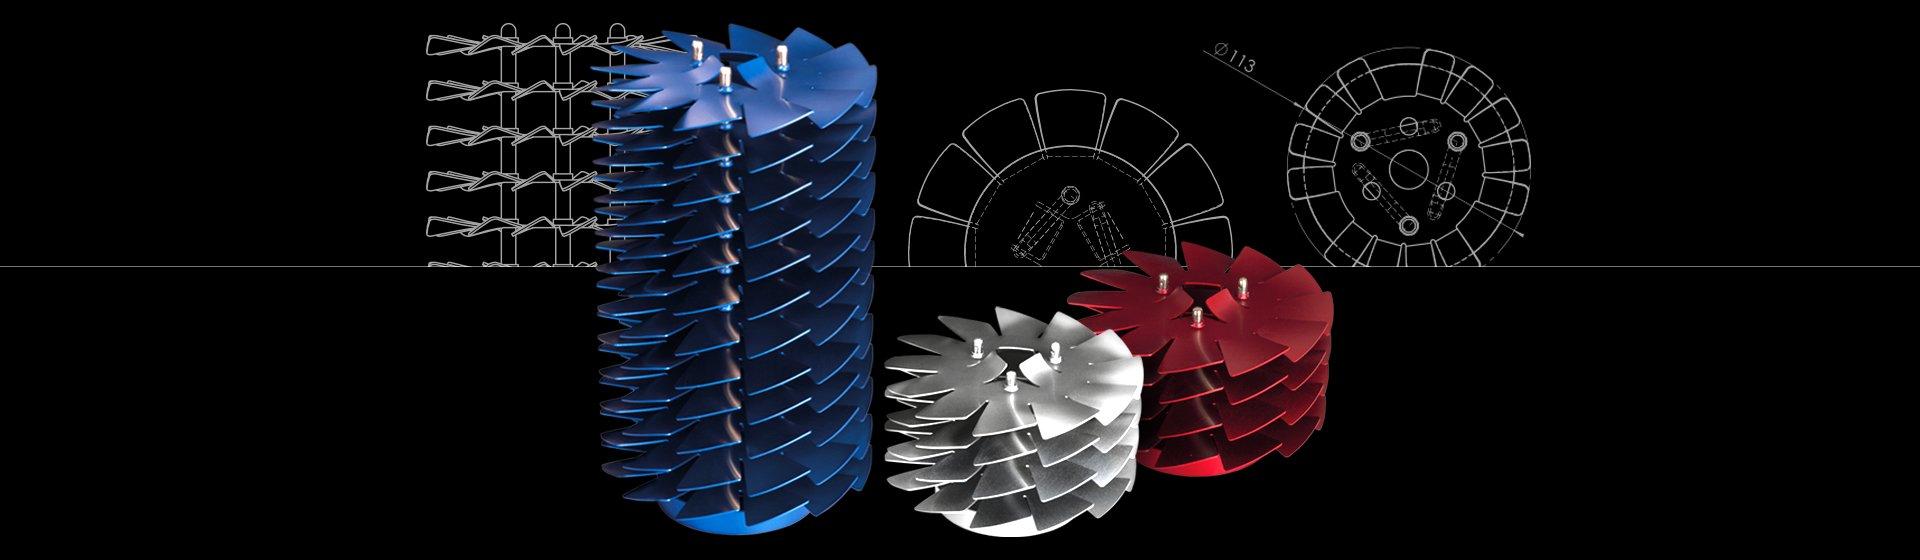 dissipatori 50 Watt linea Twist